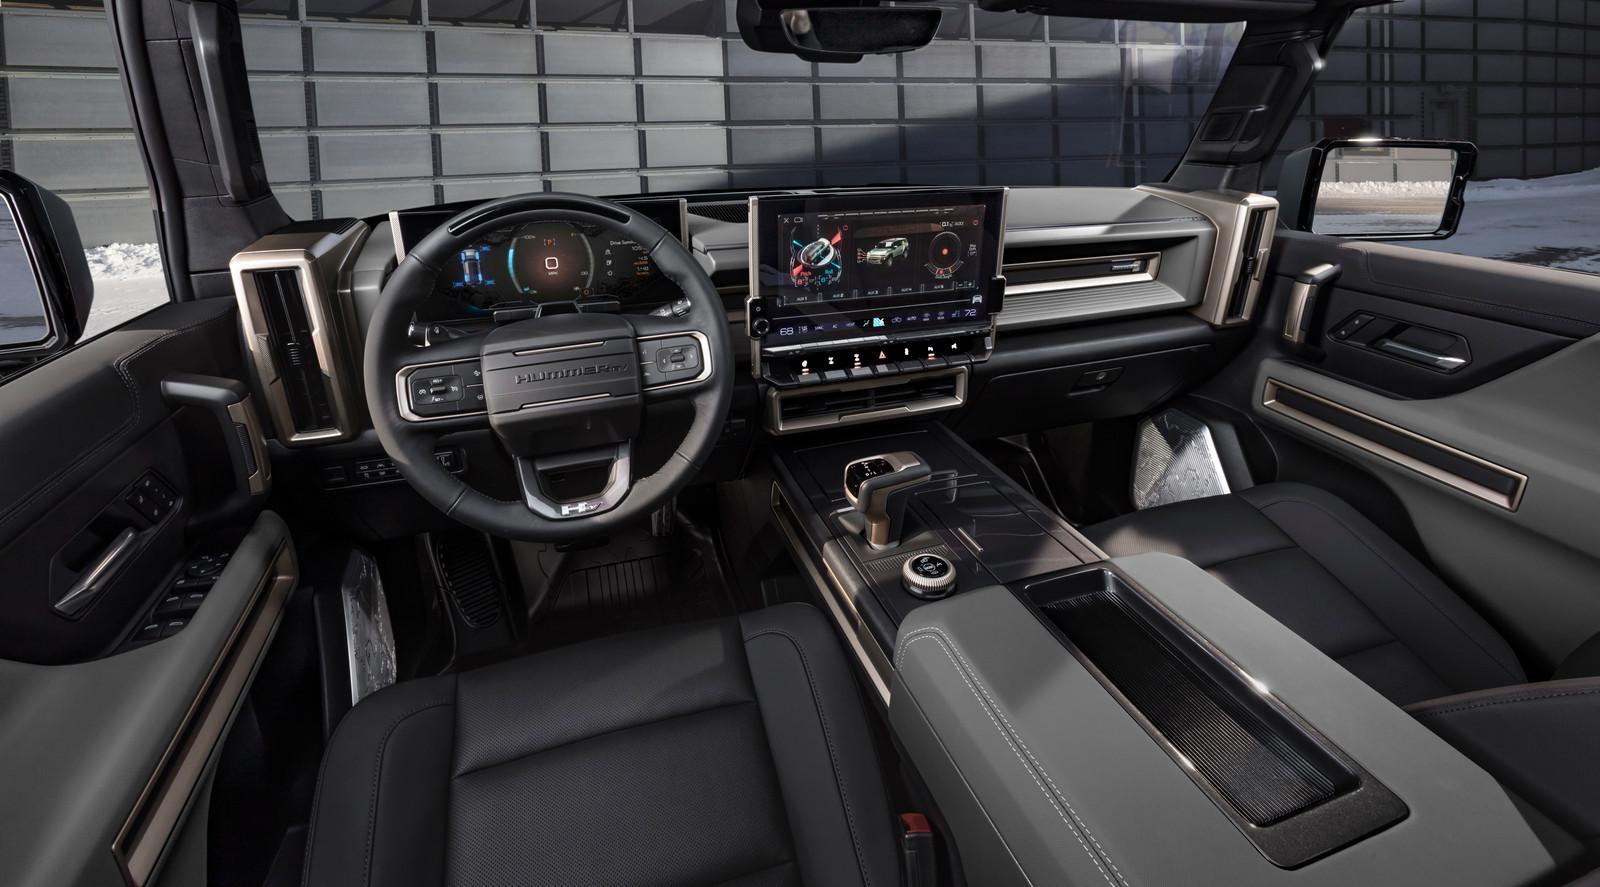 De Hummer keert terug als elektrische SUV.